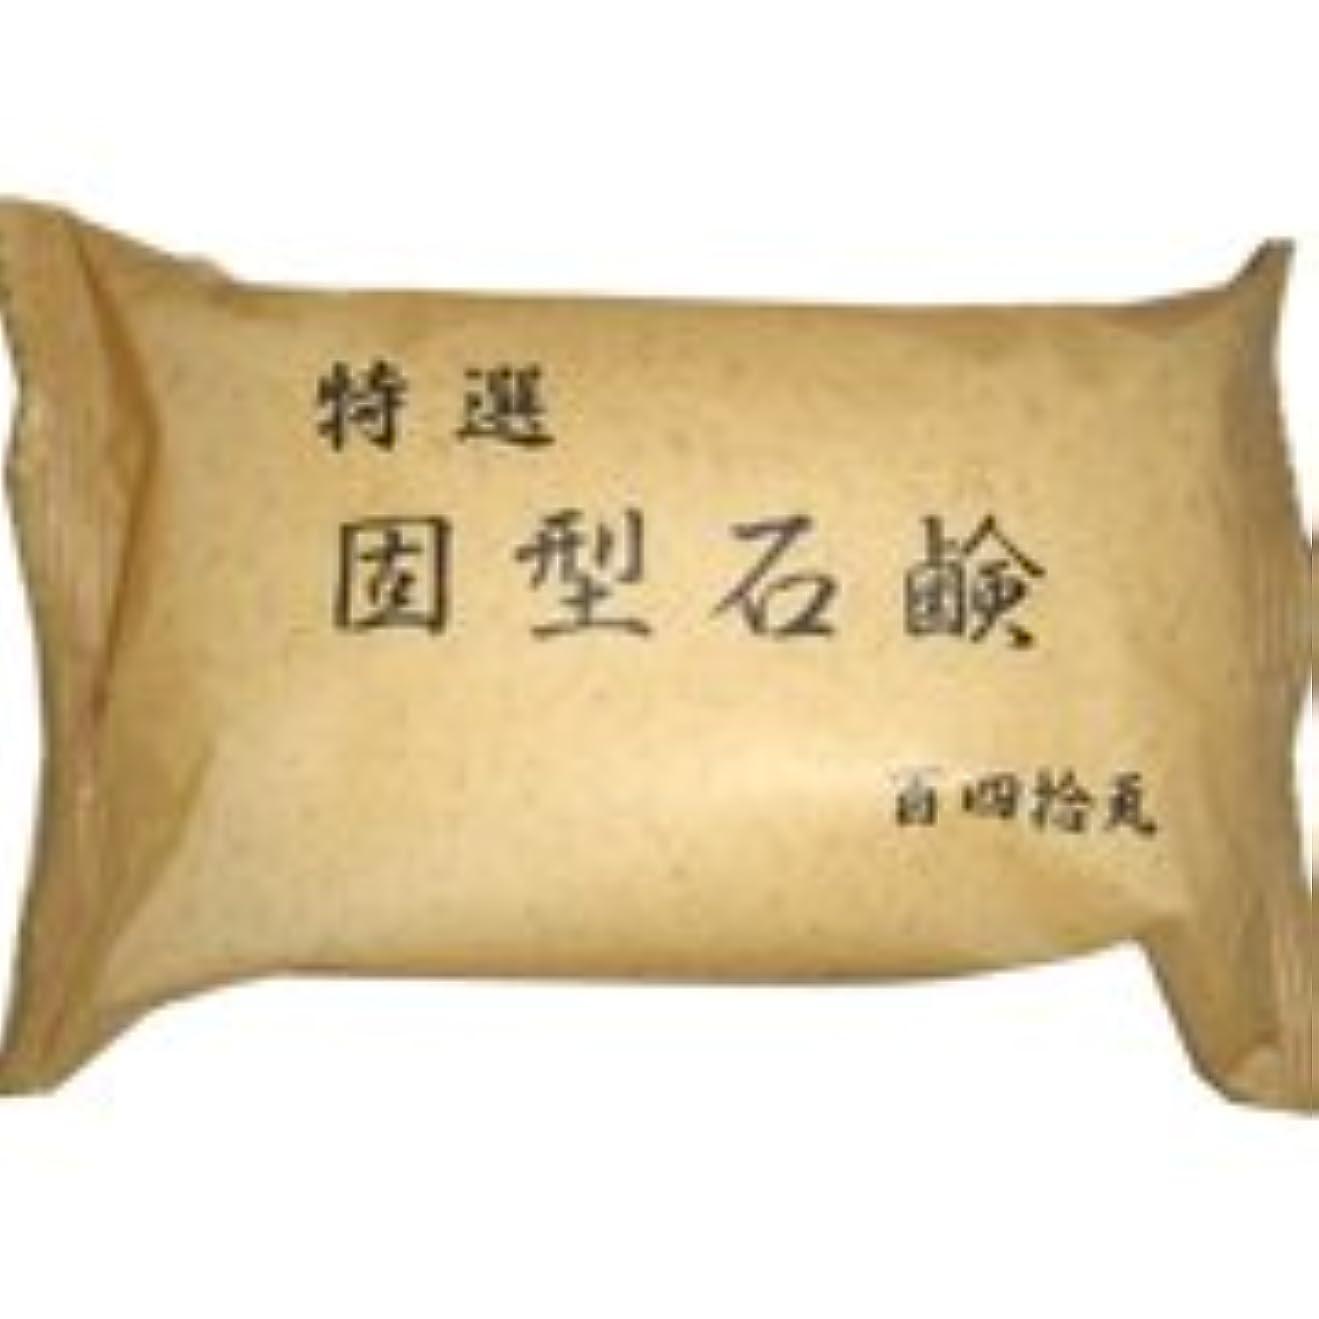 バラバラにする散らすエッセンス特選 固型石鹸 140g    エスケー石鹸